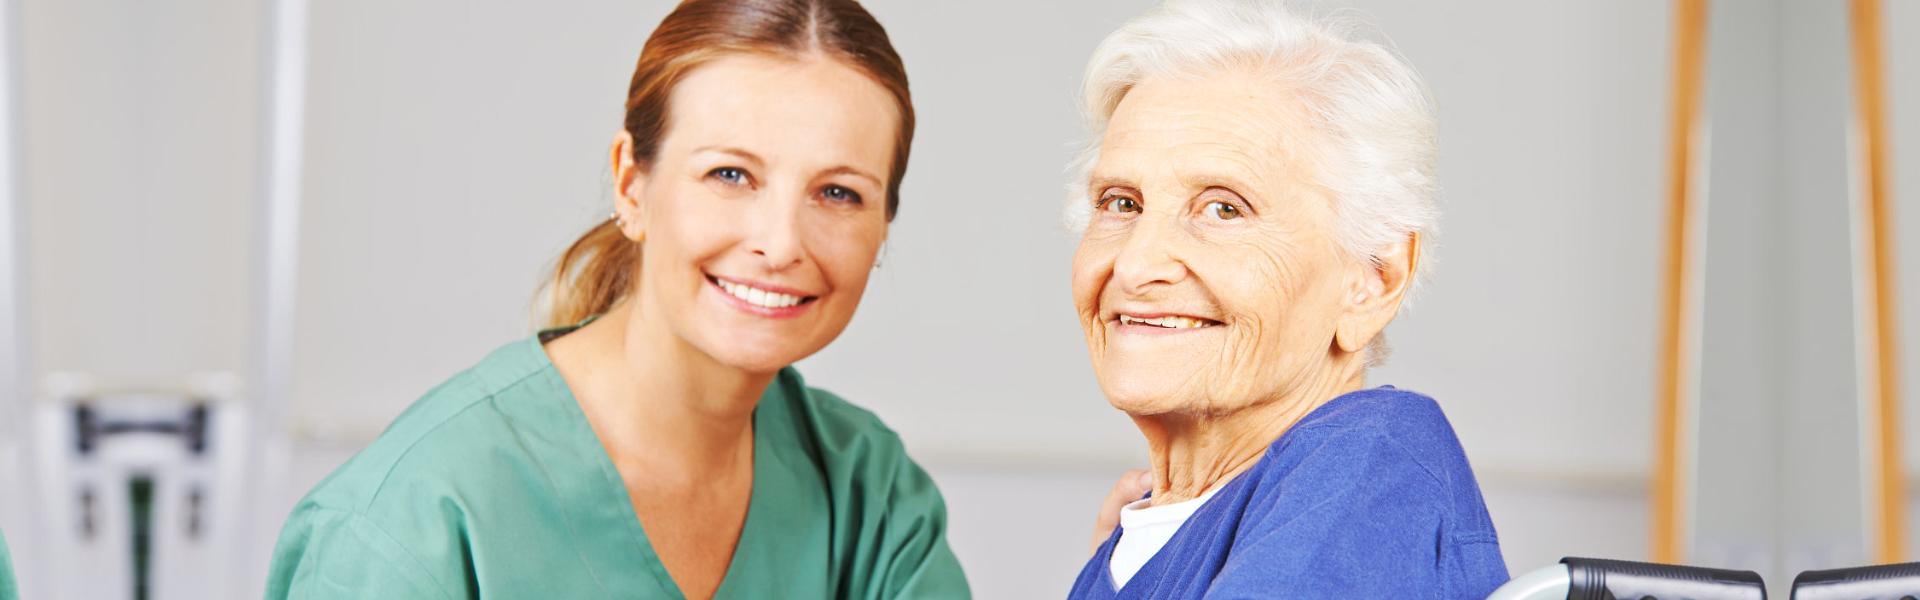 Elder and Caregiver Smiling